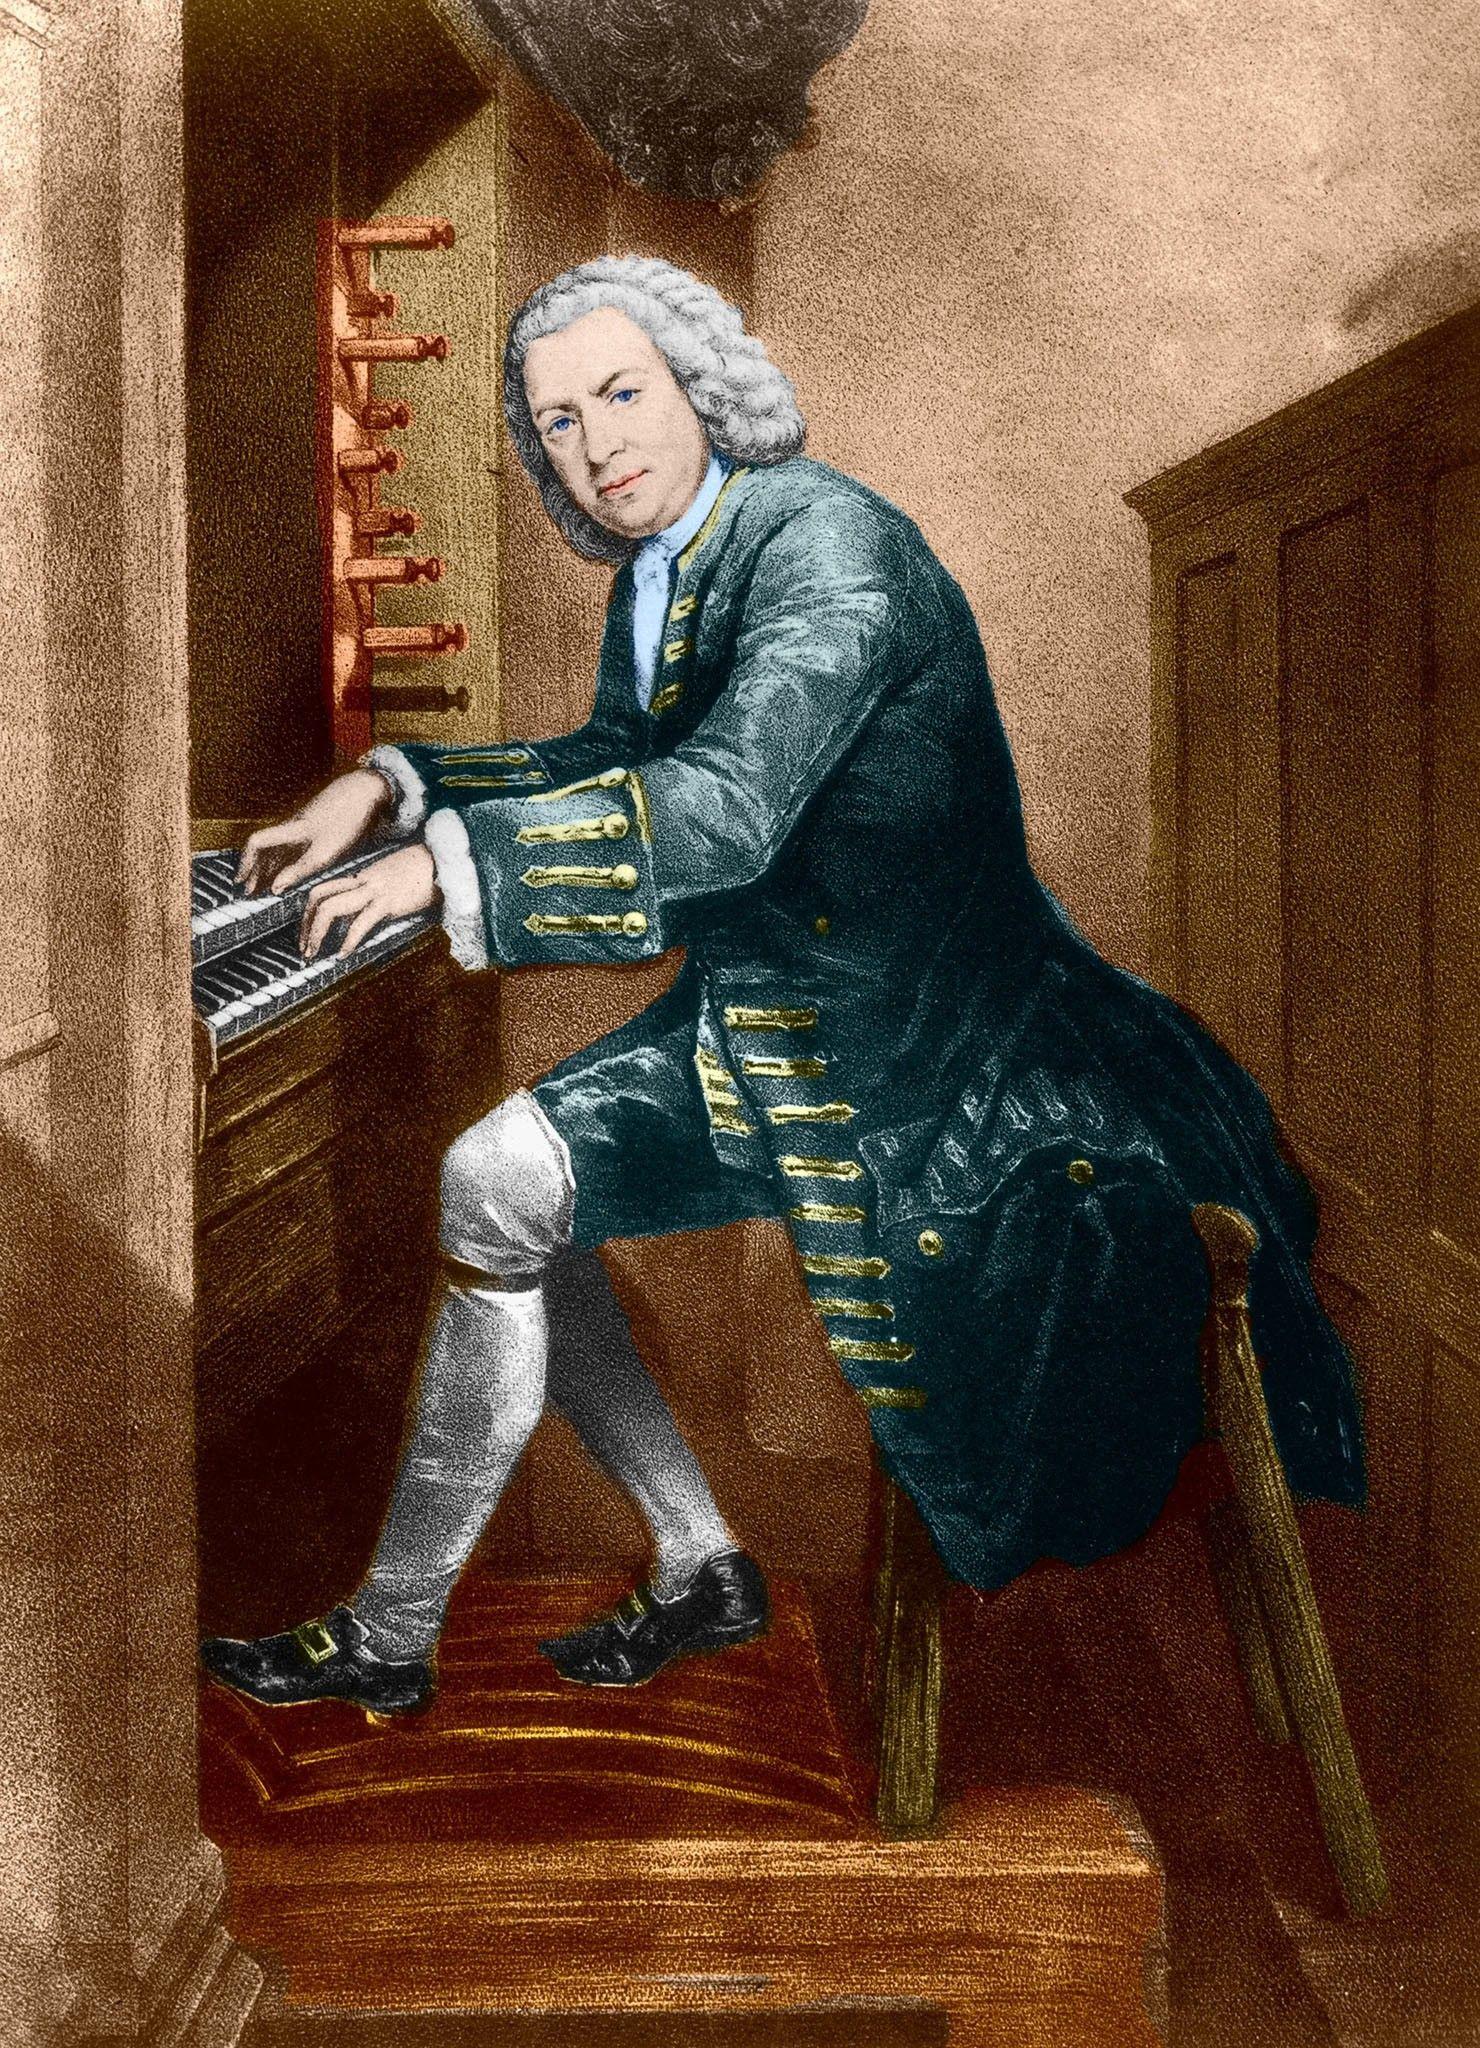 Aus der Hand des Meisters: Bachs anatomischer Glücksgriff | National Geographic